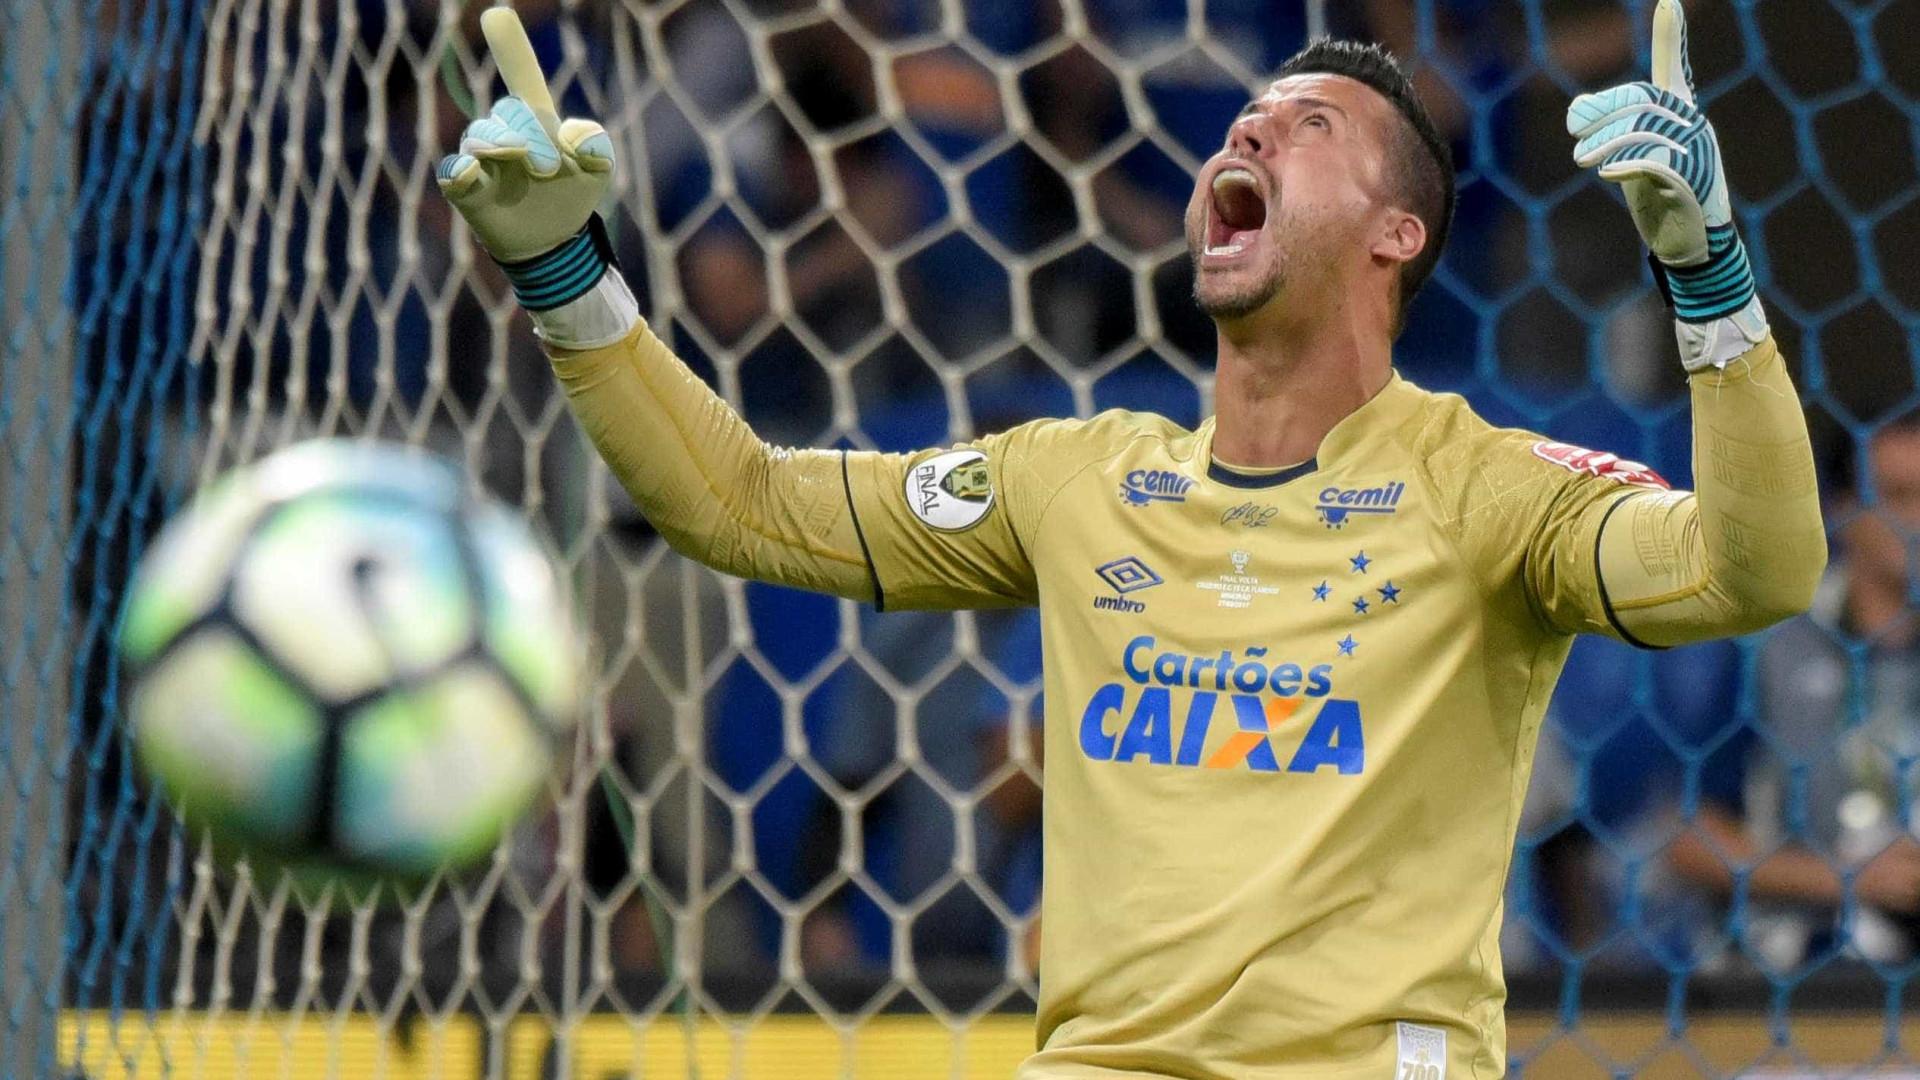 Fábio lembra lesão: 'Falaram que eu não jogaria mais em alto nível'